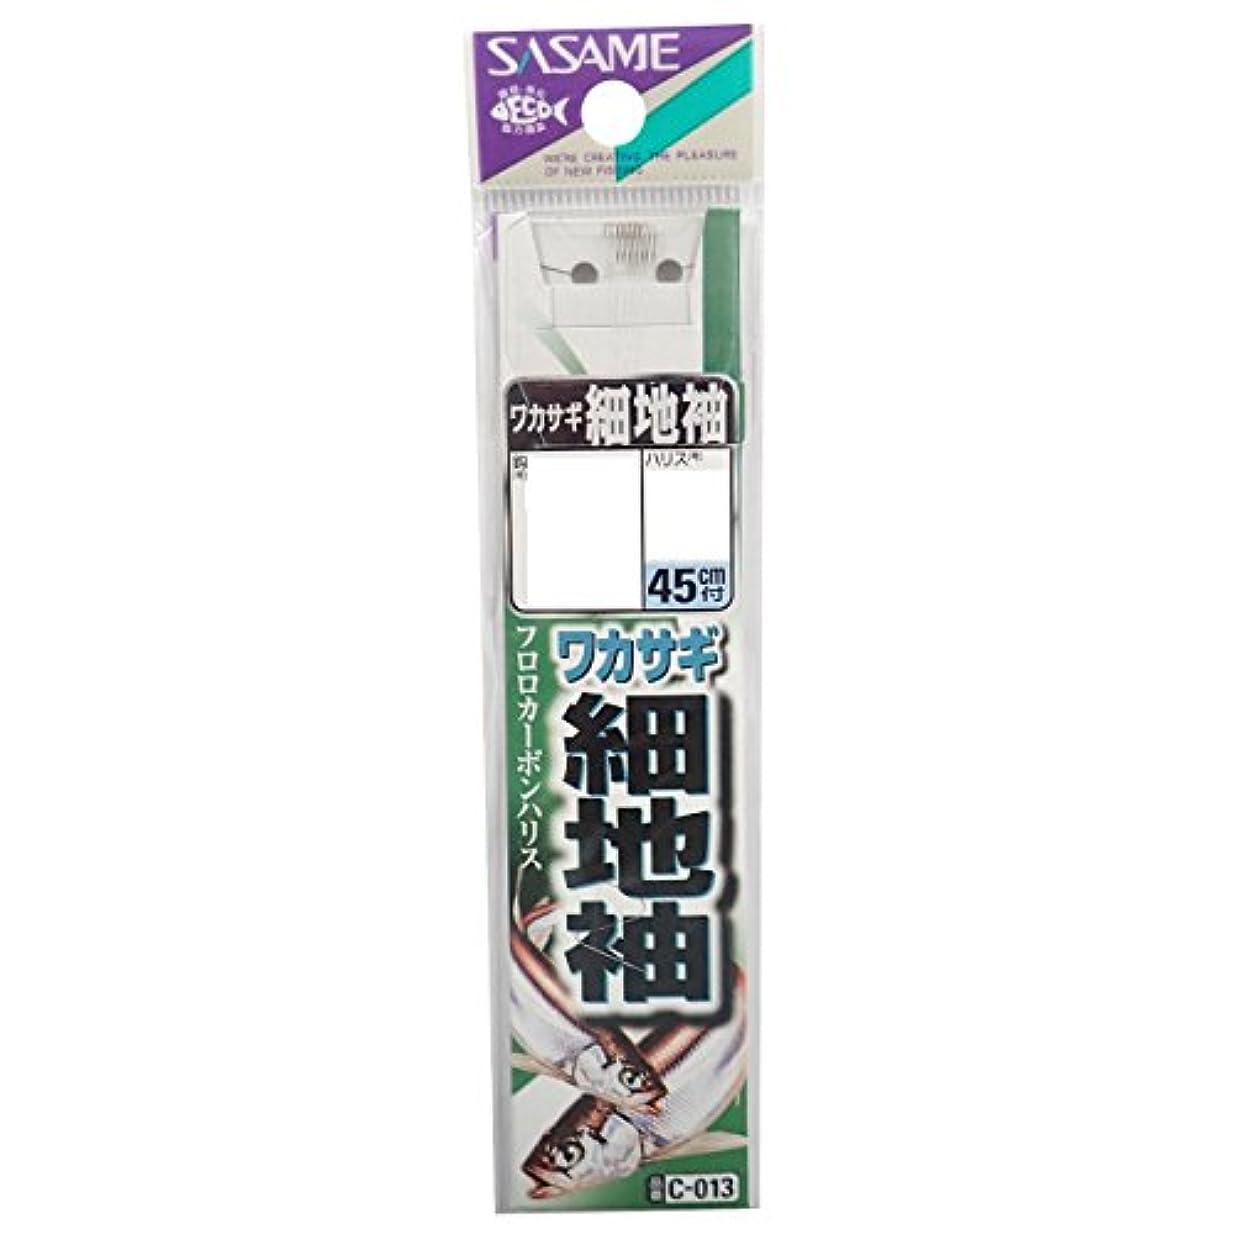 文明化するいつでもとは異なりささめ針(SASAME) ワカサギ細地袖(茶)糸付 C-013 2号